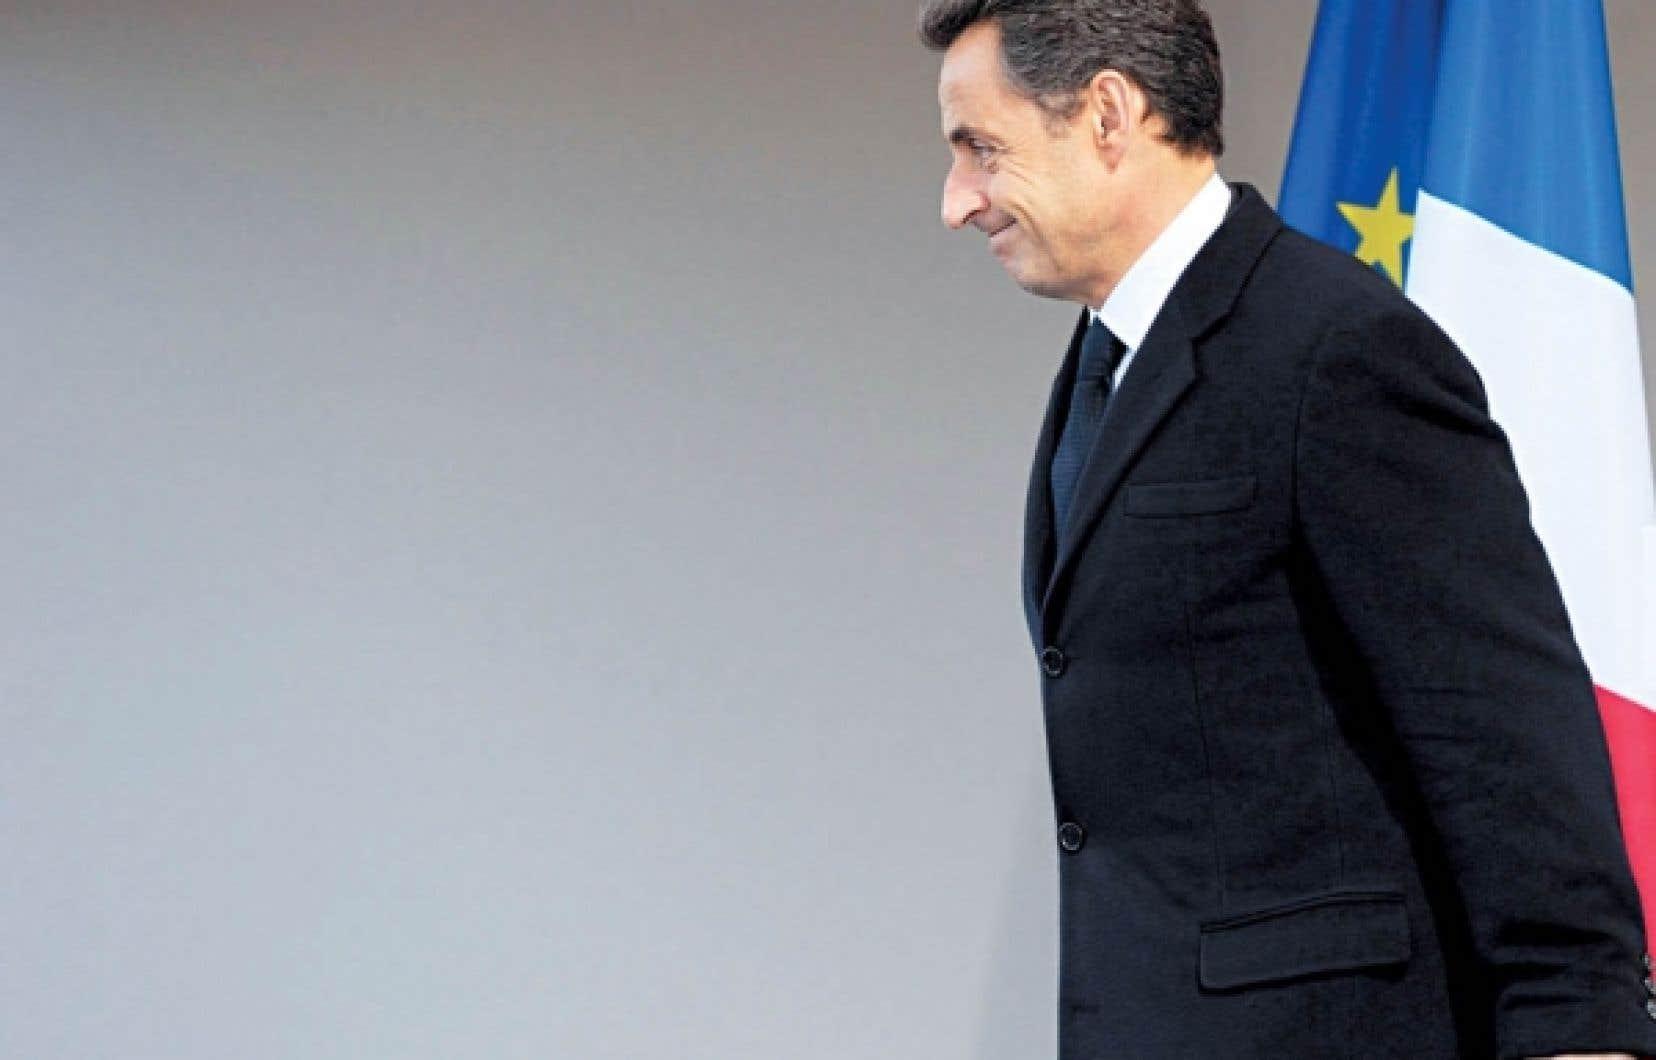 <div> Le président français sortant, Nicolas Sarkozy, photographié à Paris, hier, après avoir prononcé un discours à l'occasion du 97e anniversaire du génocide arménien.</div>